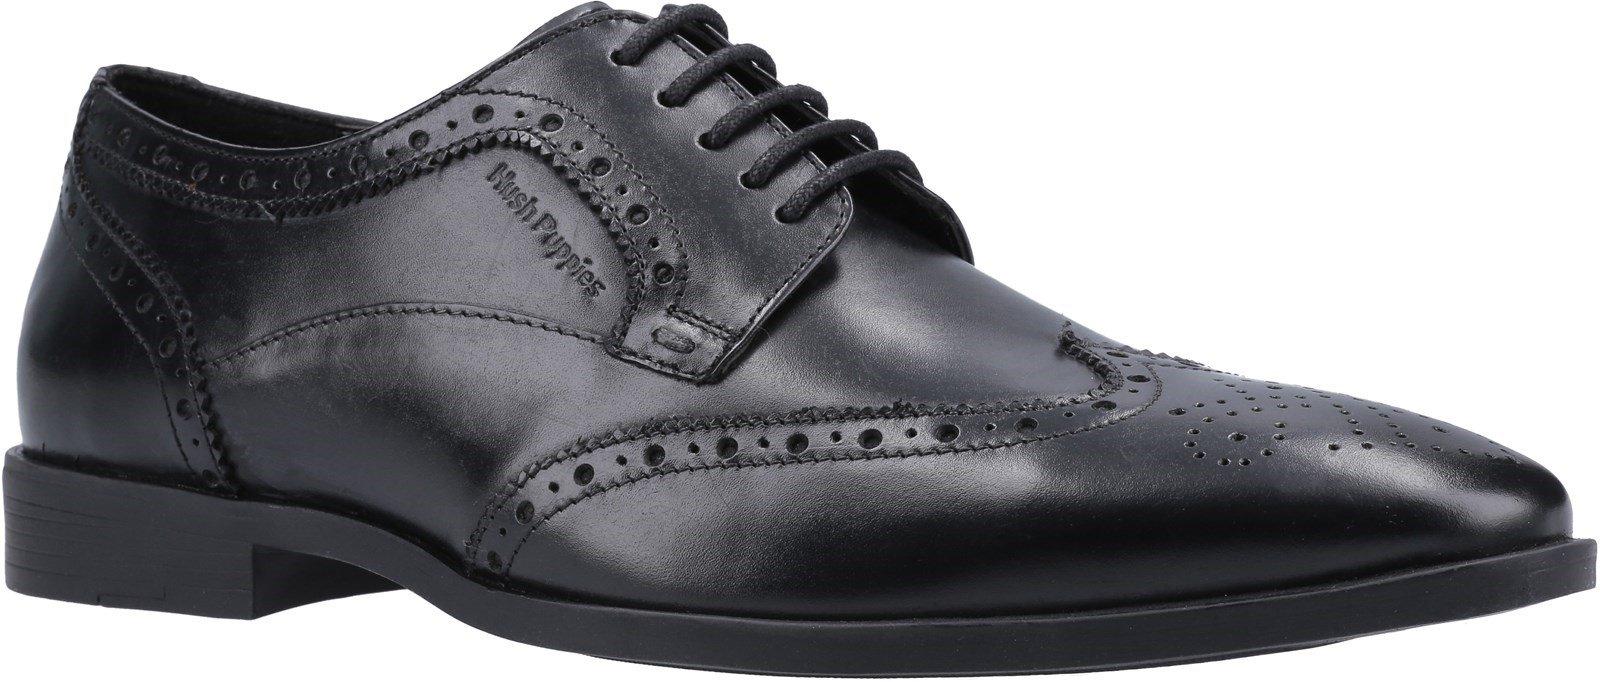 Hush Puppies Men's Brace Lace Up Brogue Shoe Black 30774 - Black 7